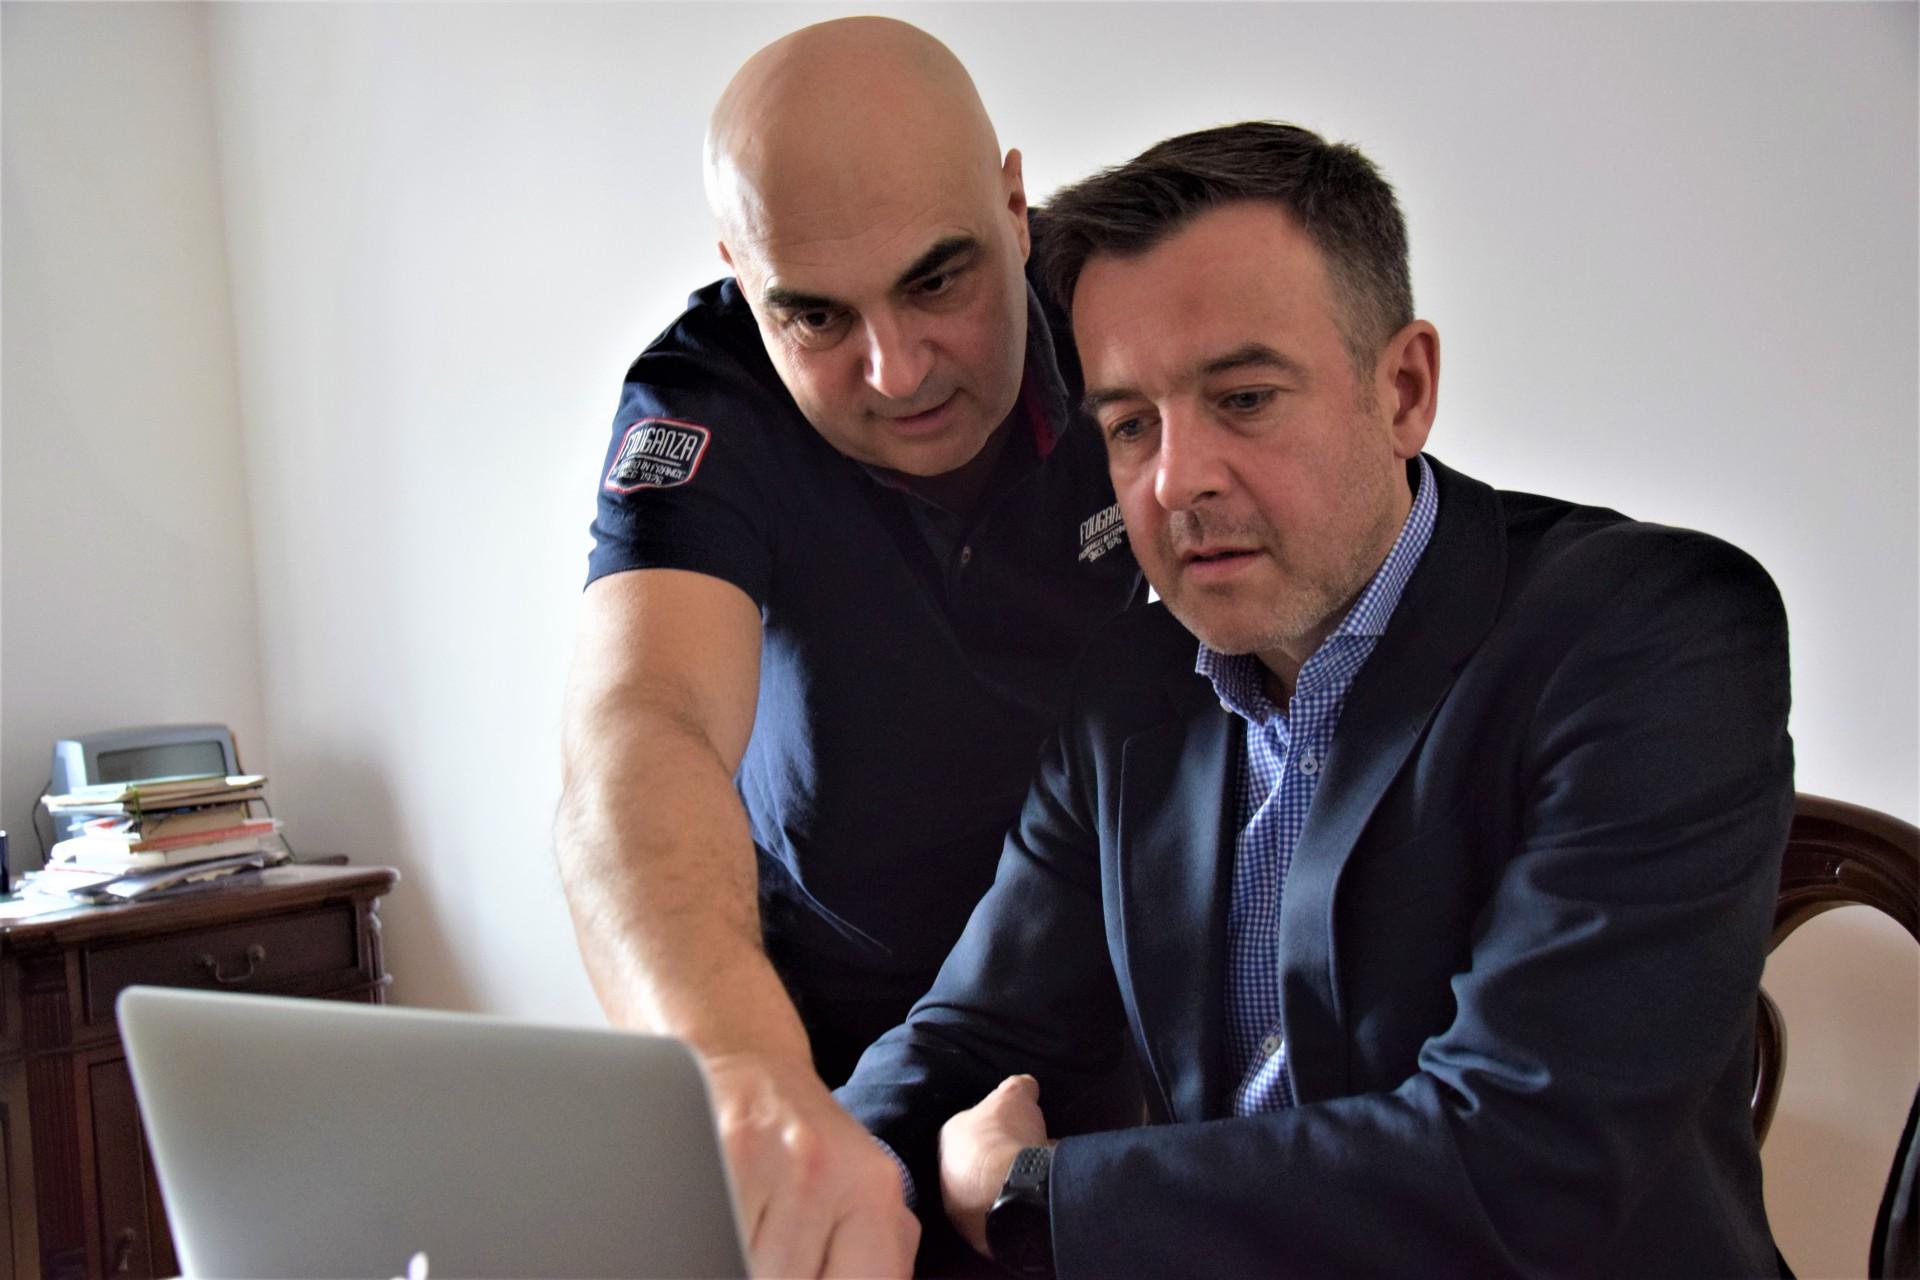 Prawomasz - blog o prawie, przepisach. Adwokat mówi ludzkim głosem 3